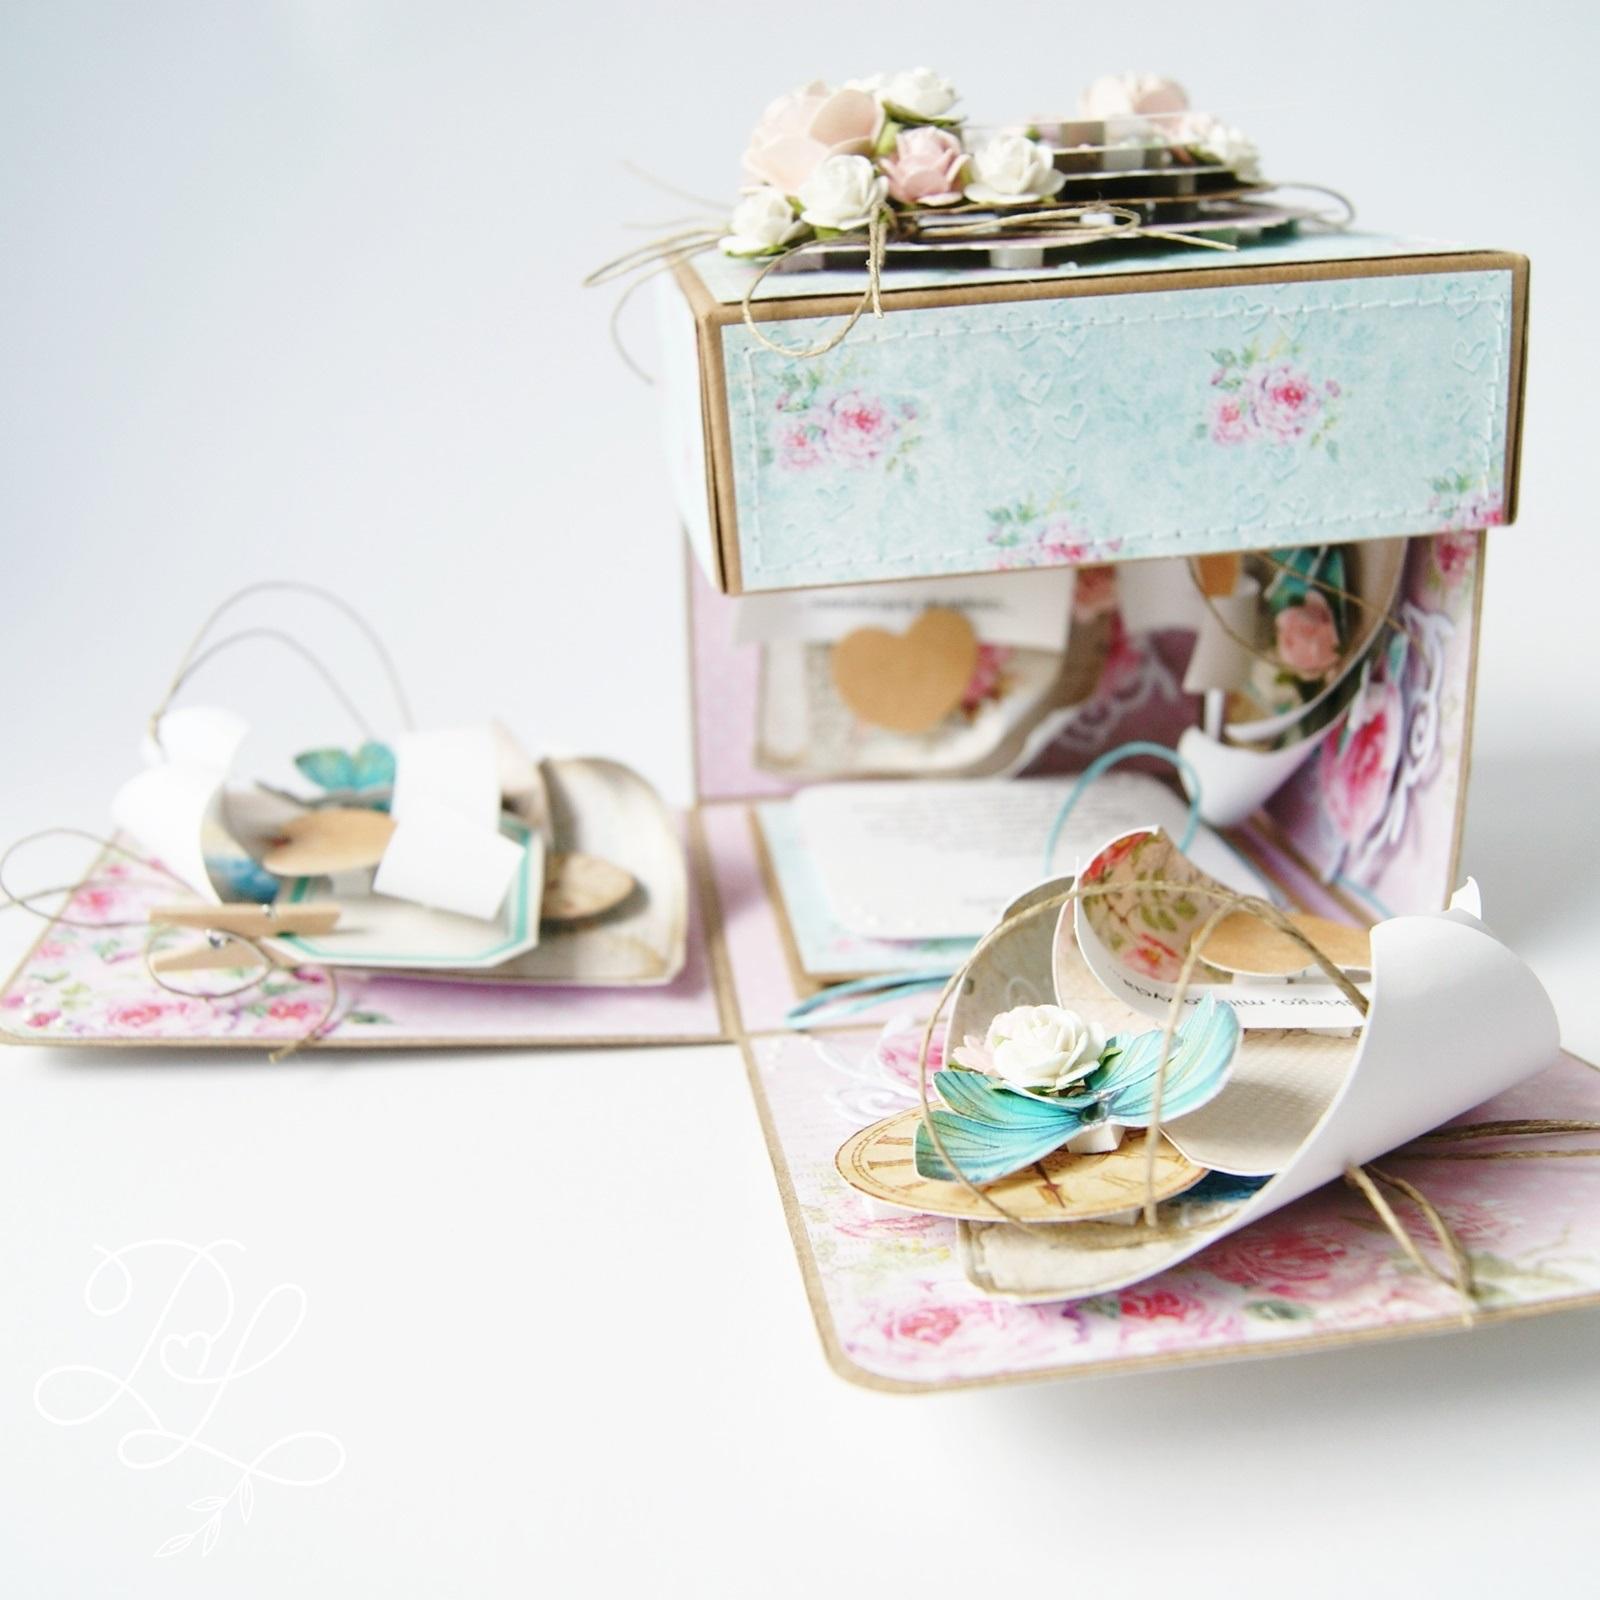 Ślubny exploding box z miejscem na banknoty w prezencie - Papierowe Love - sklep papierniczy i pracownia rękodzieła Katarzyna Rajczakowska.